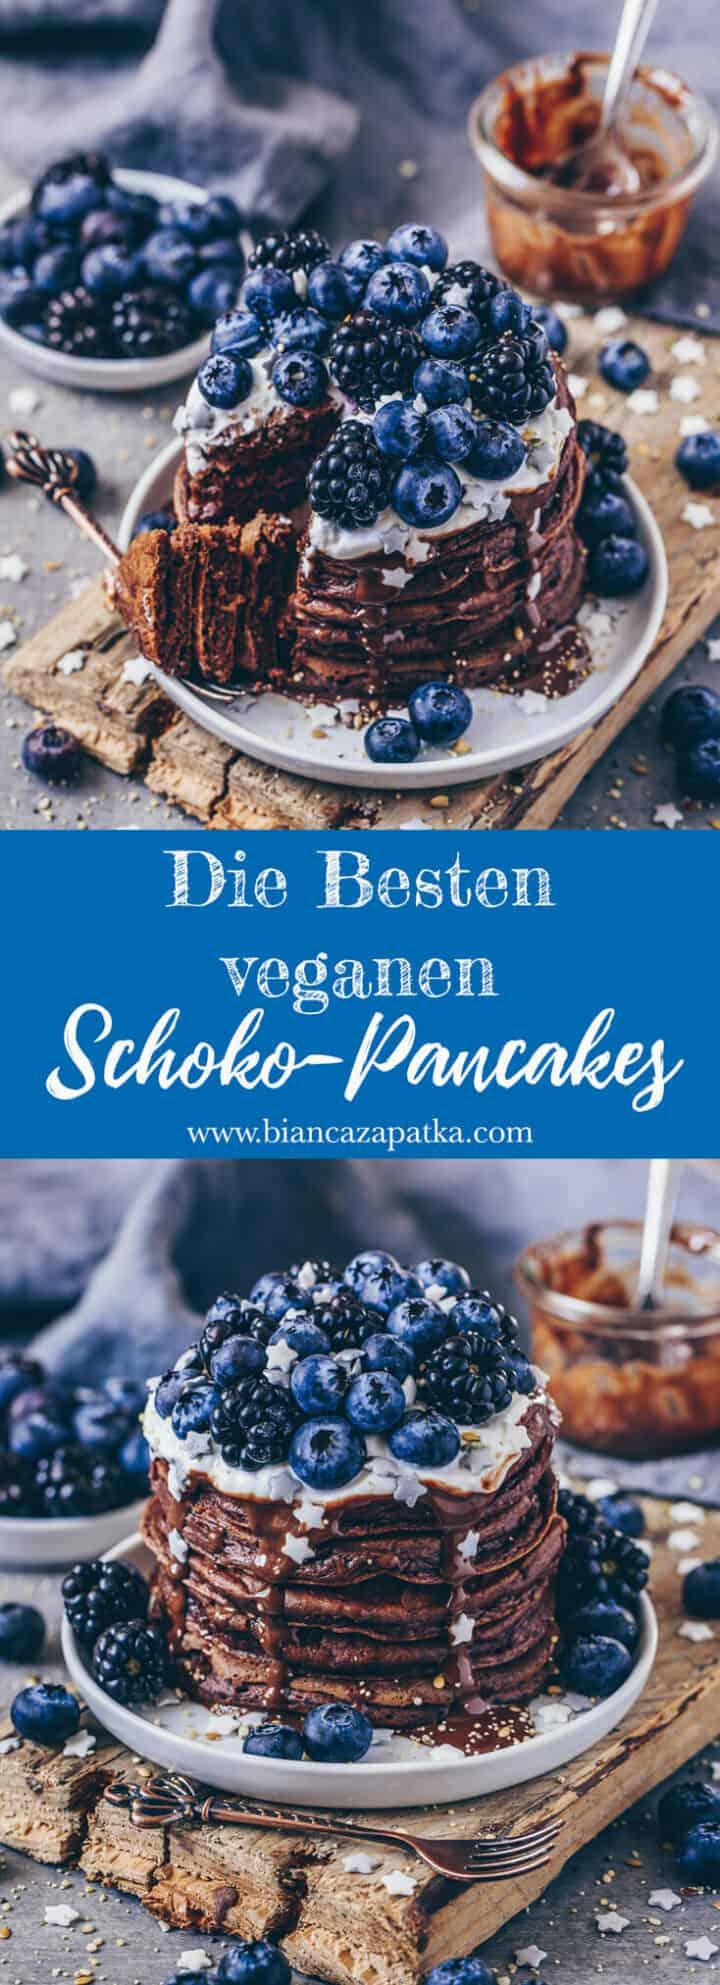 Das beste Rezept für fluffige vegane Schoko-Pancakes! Diese Schokoladen-Pfannkuchen sind einfach zuzubereiten und schmecken auch ohne Eier super lecker!